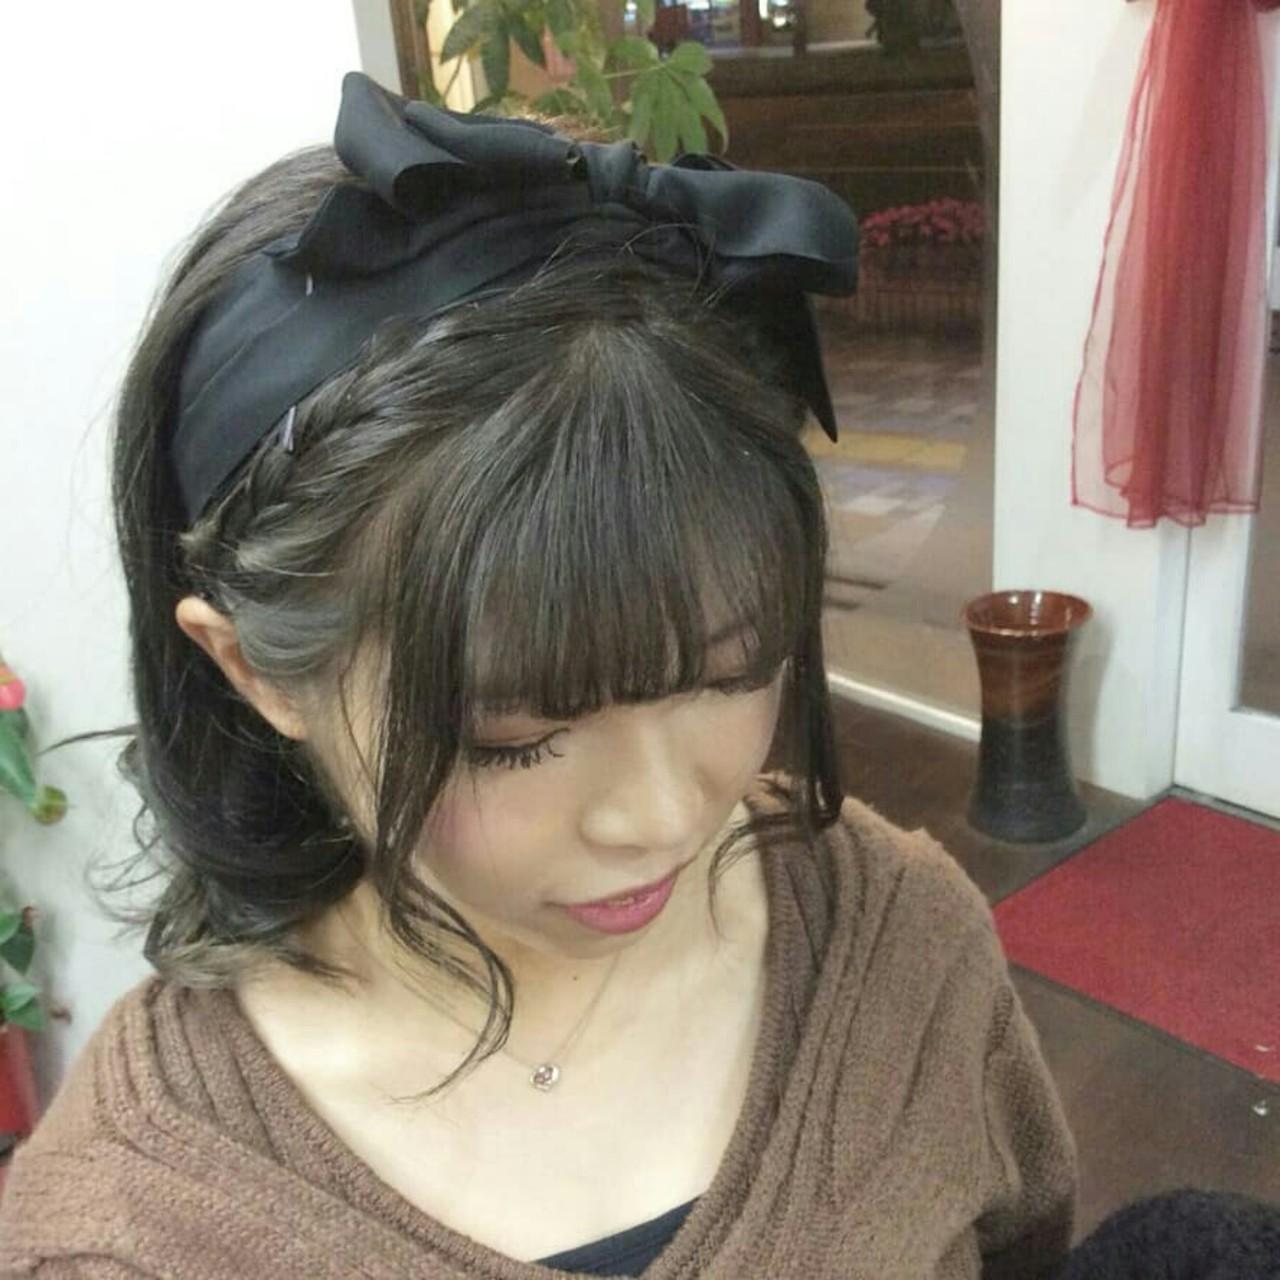 ナチュラル ハーフアップ ヘアアレンジ 編み込み ヘアスタイルや髪型の写真・画像 | rumiLINKS美容室 / リンクス美容室